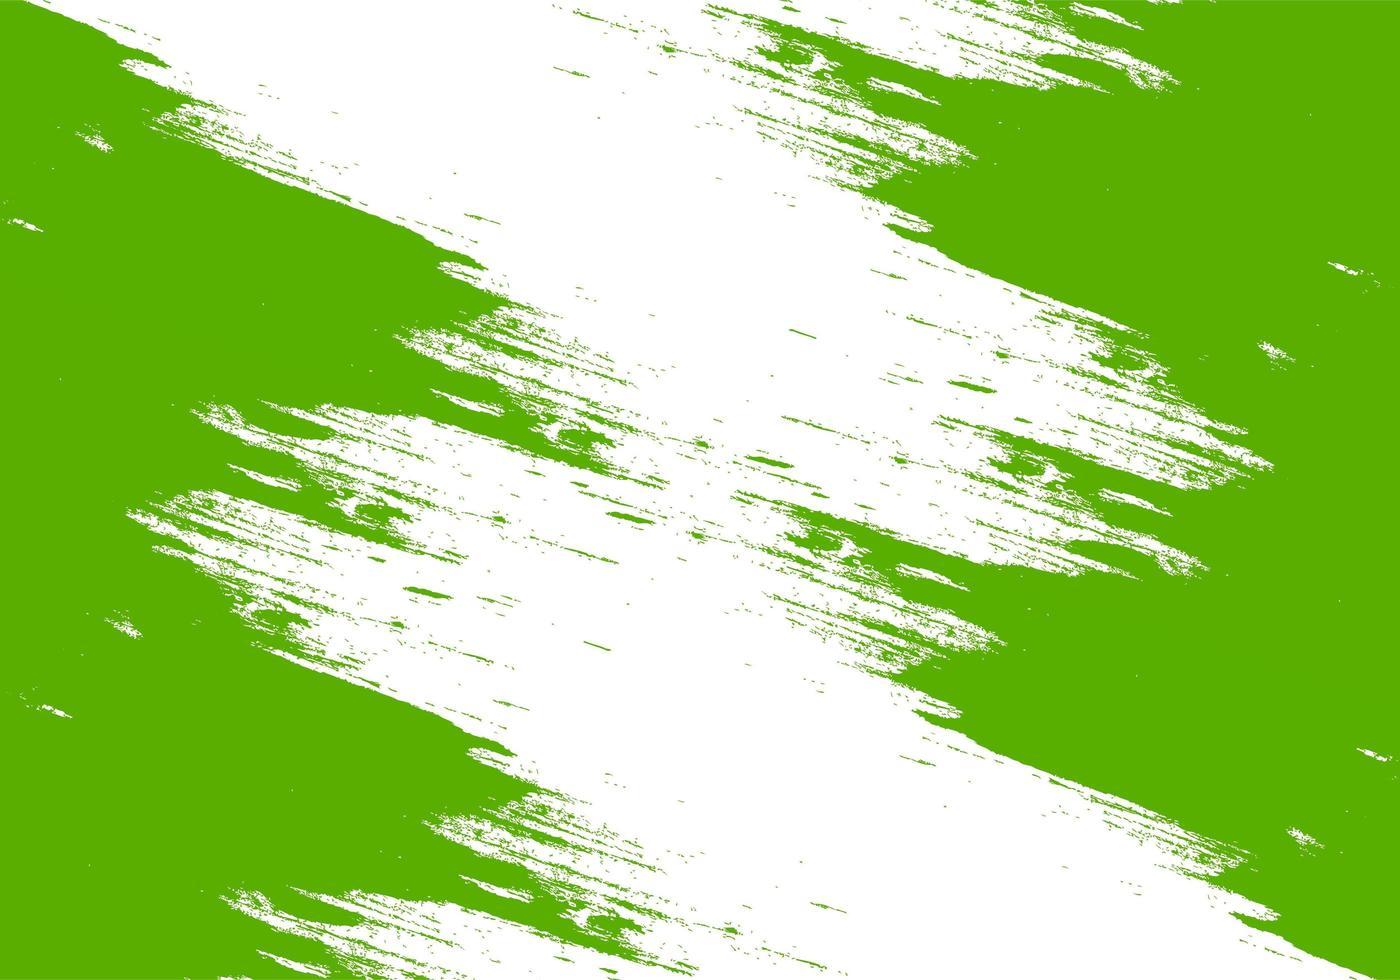 disegno astratto verde pennellata vettore